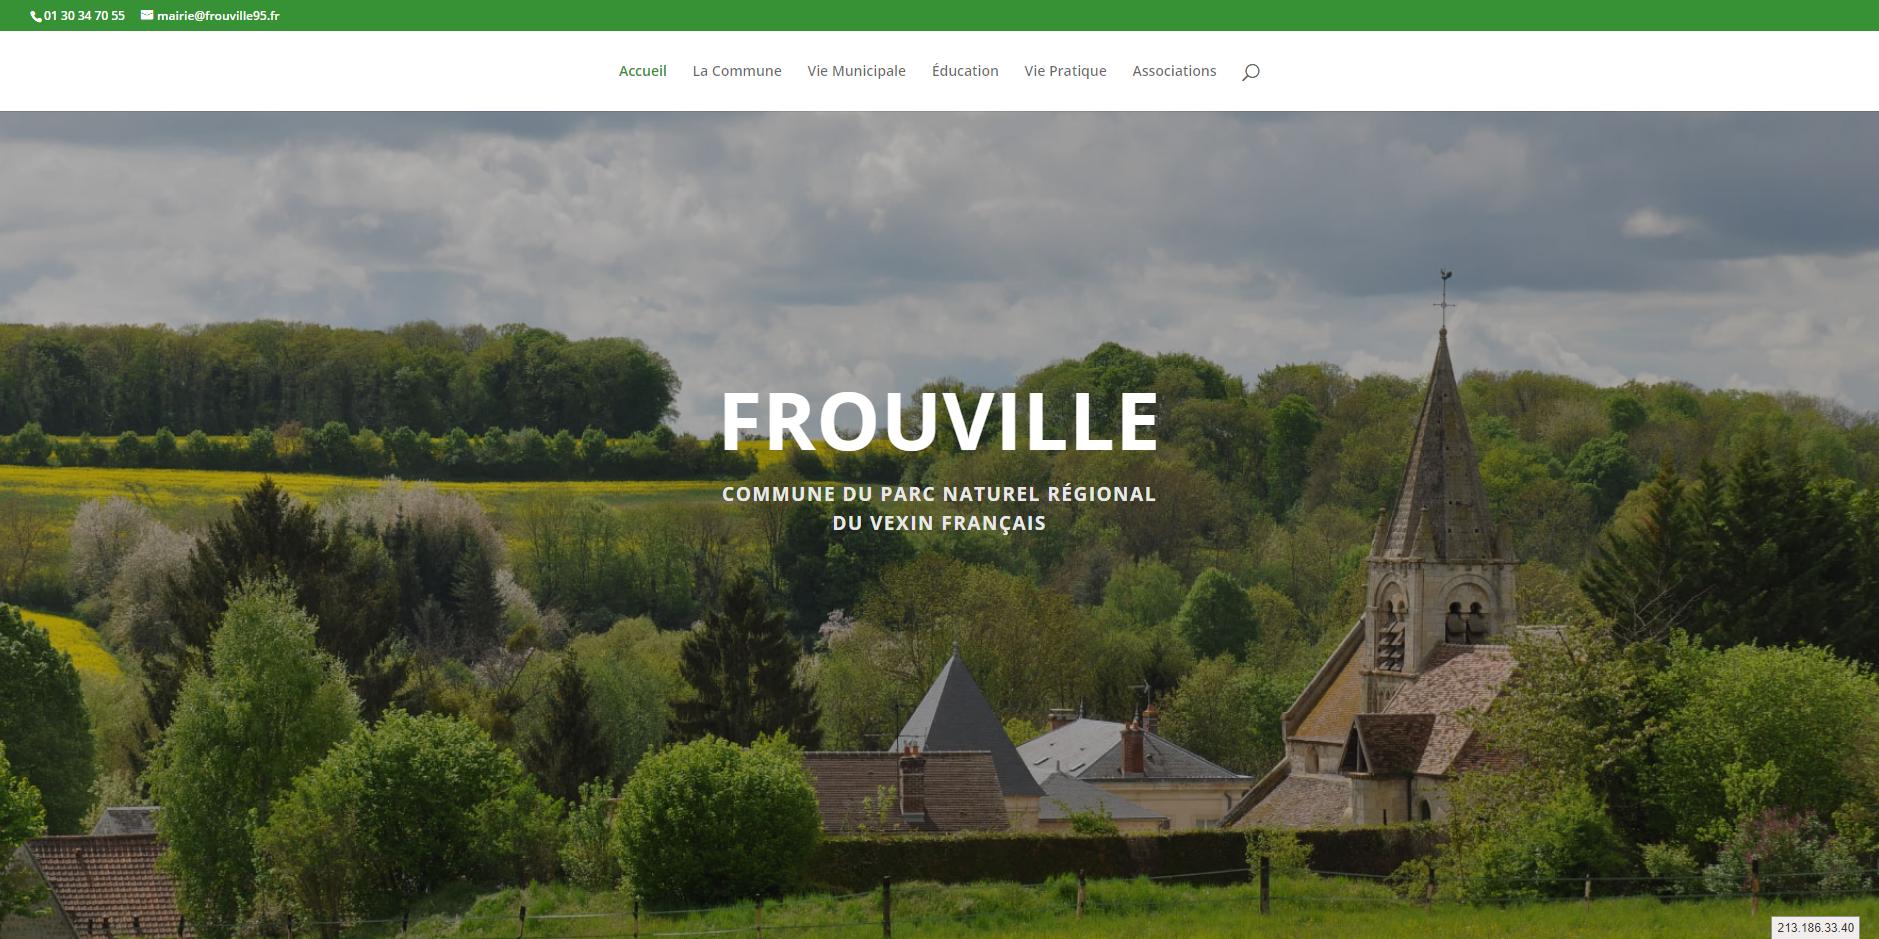 conception du site de Frouville par l'union des maires du Val-d'Oise